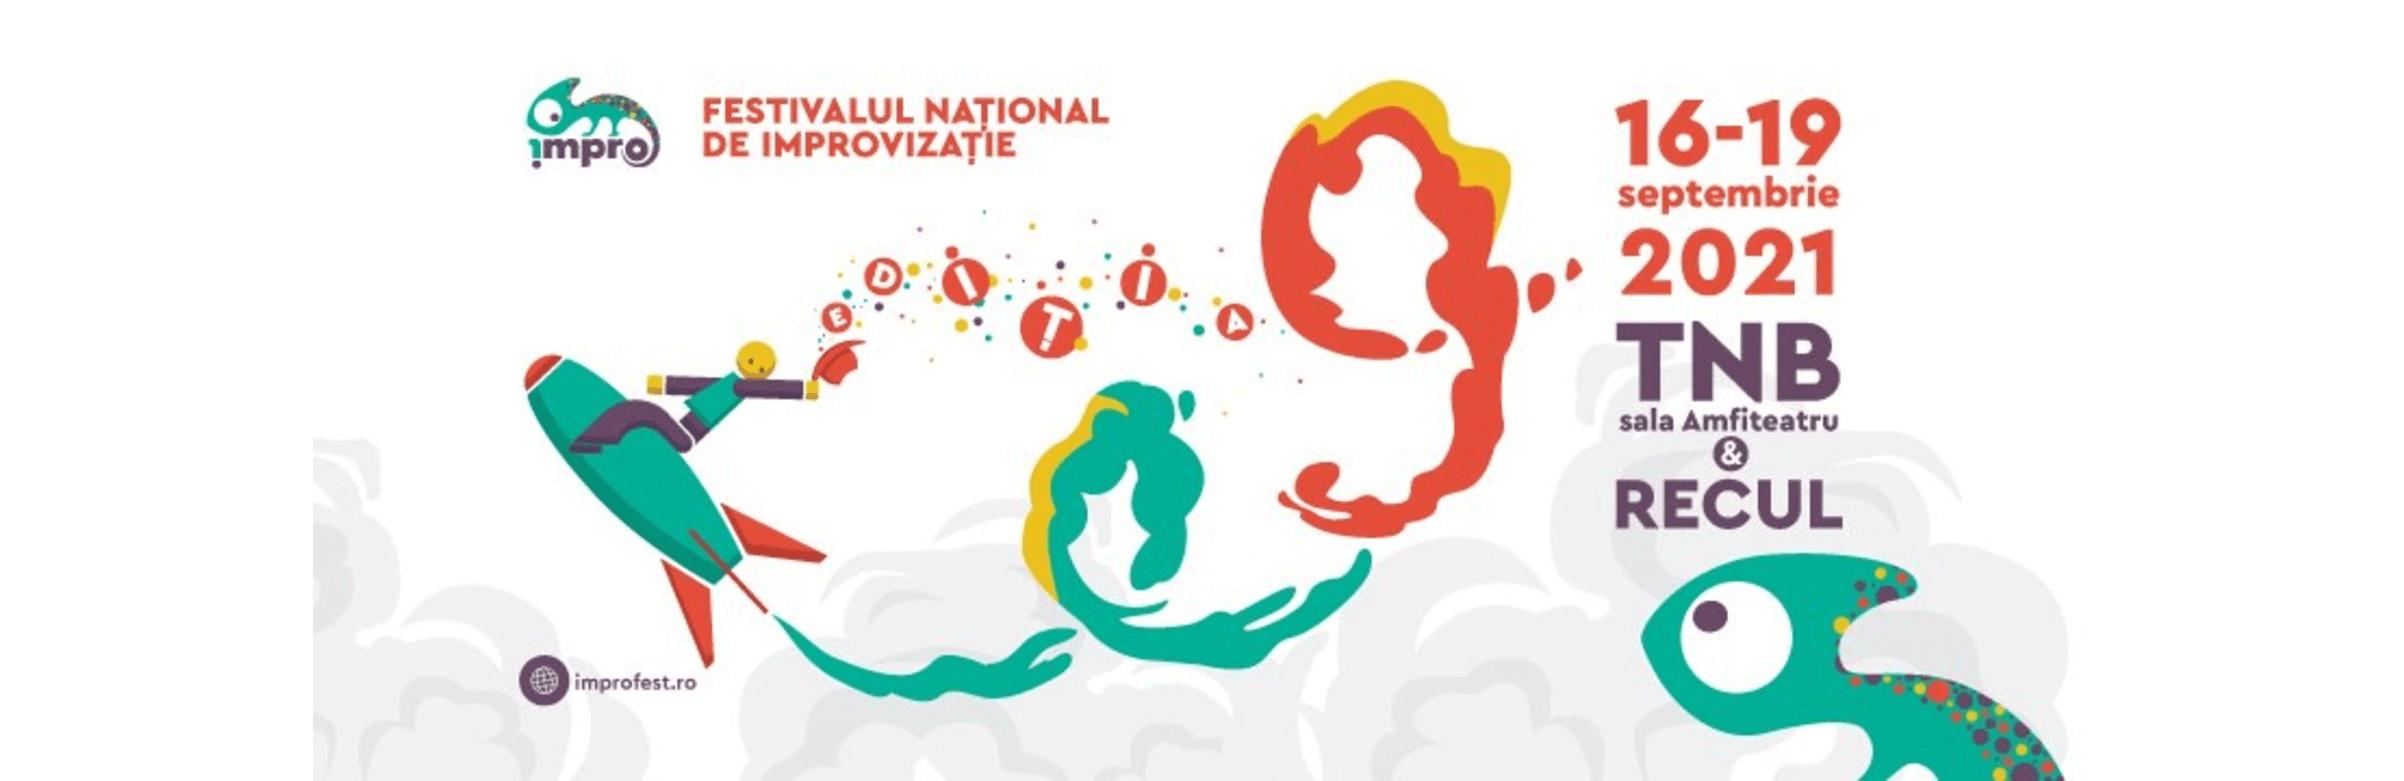 Festivalul National de Improvizatie